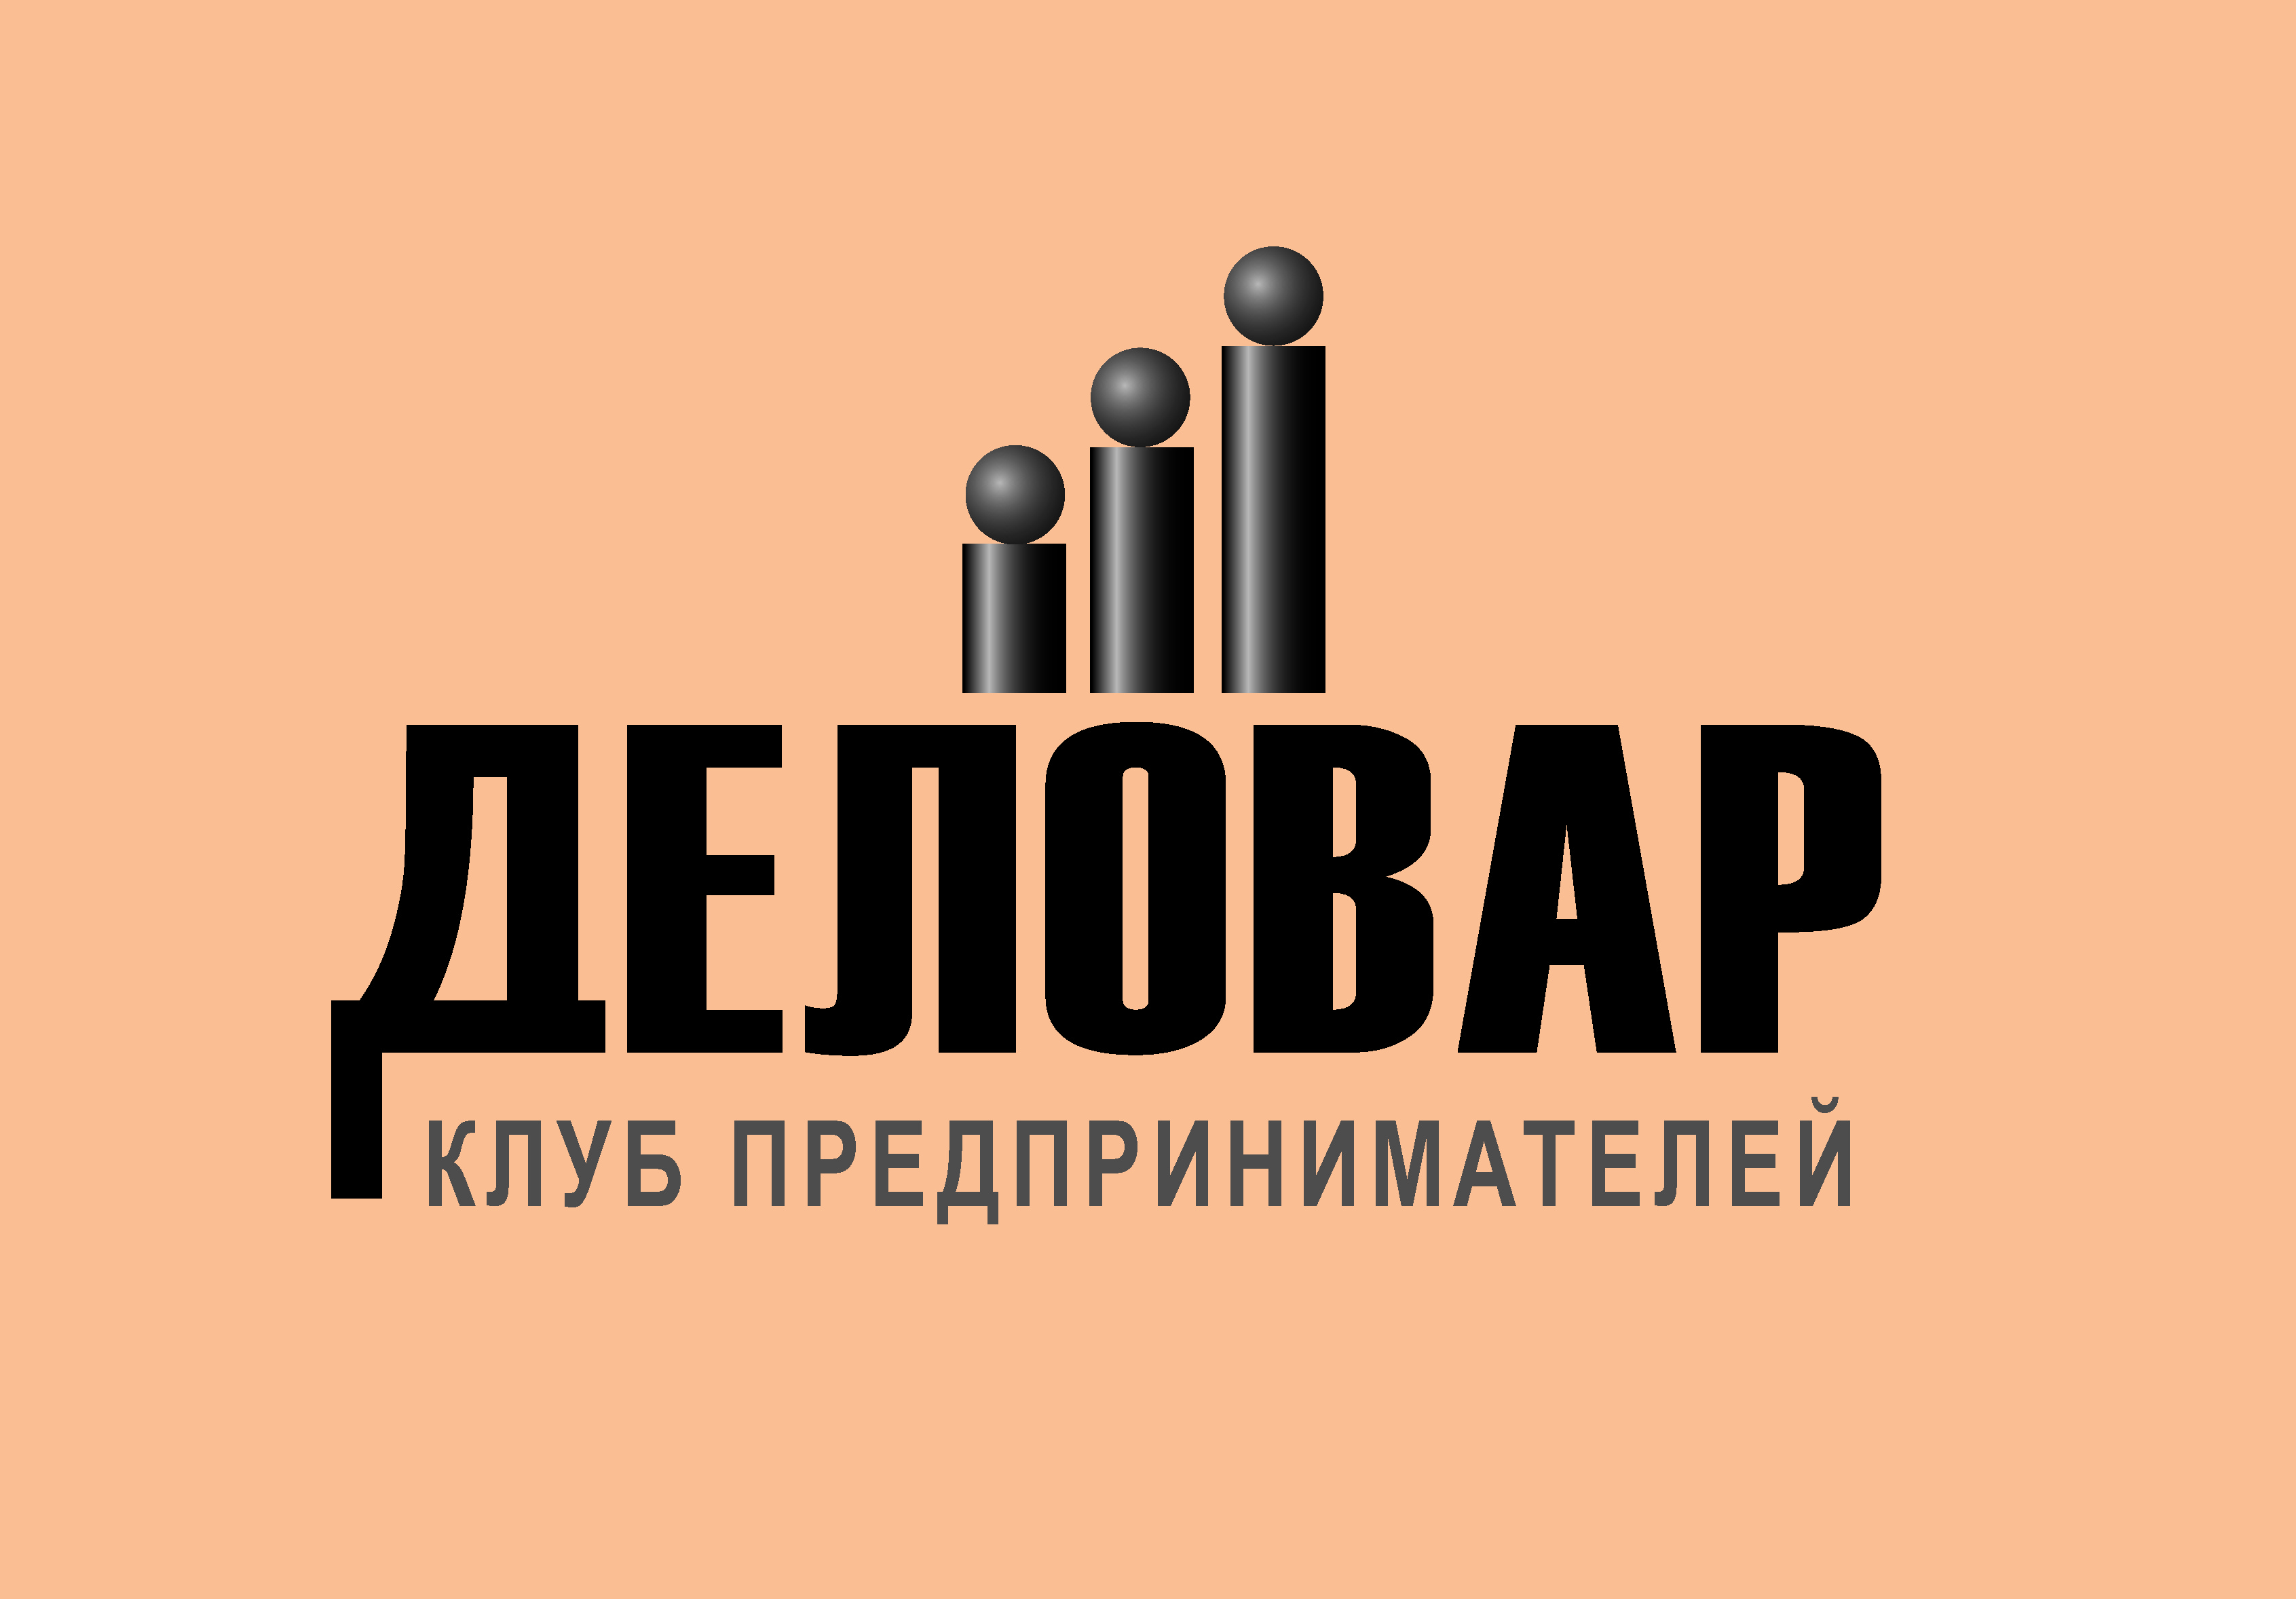 """Логотип и фирм. стиль для Клуба предпринимателей """"Деловар"""" фото f_50485e9da6641.jpg"""